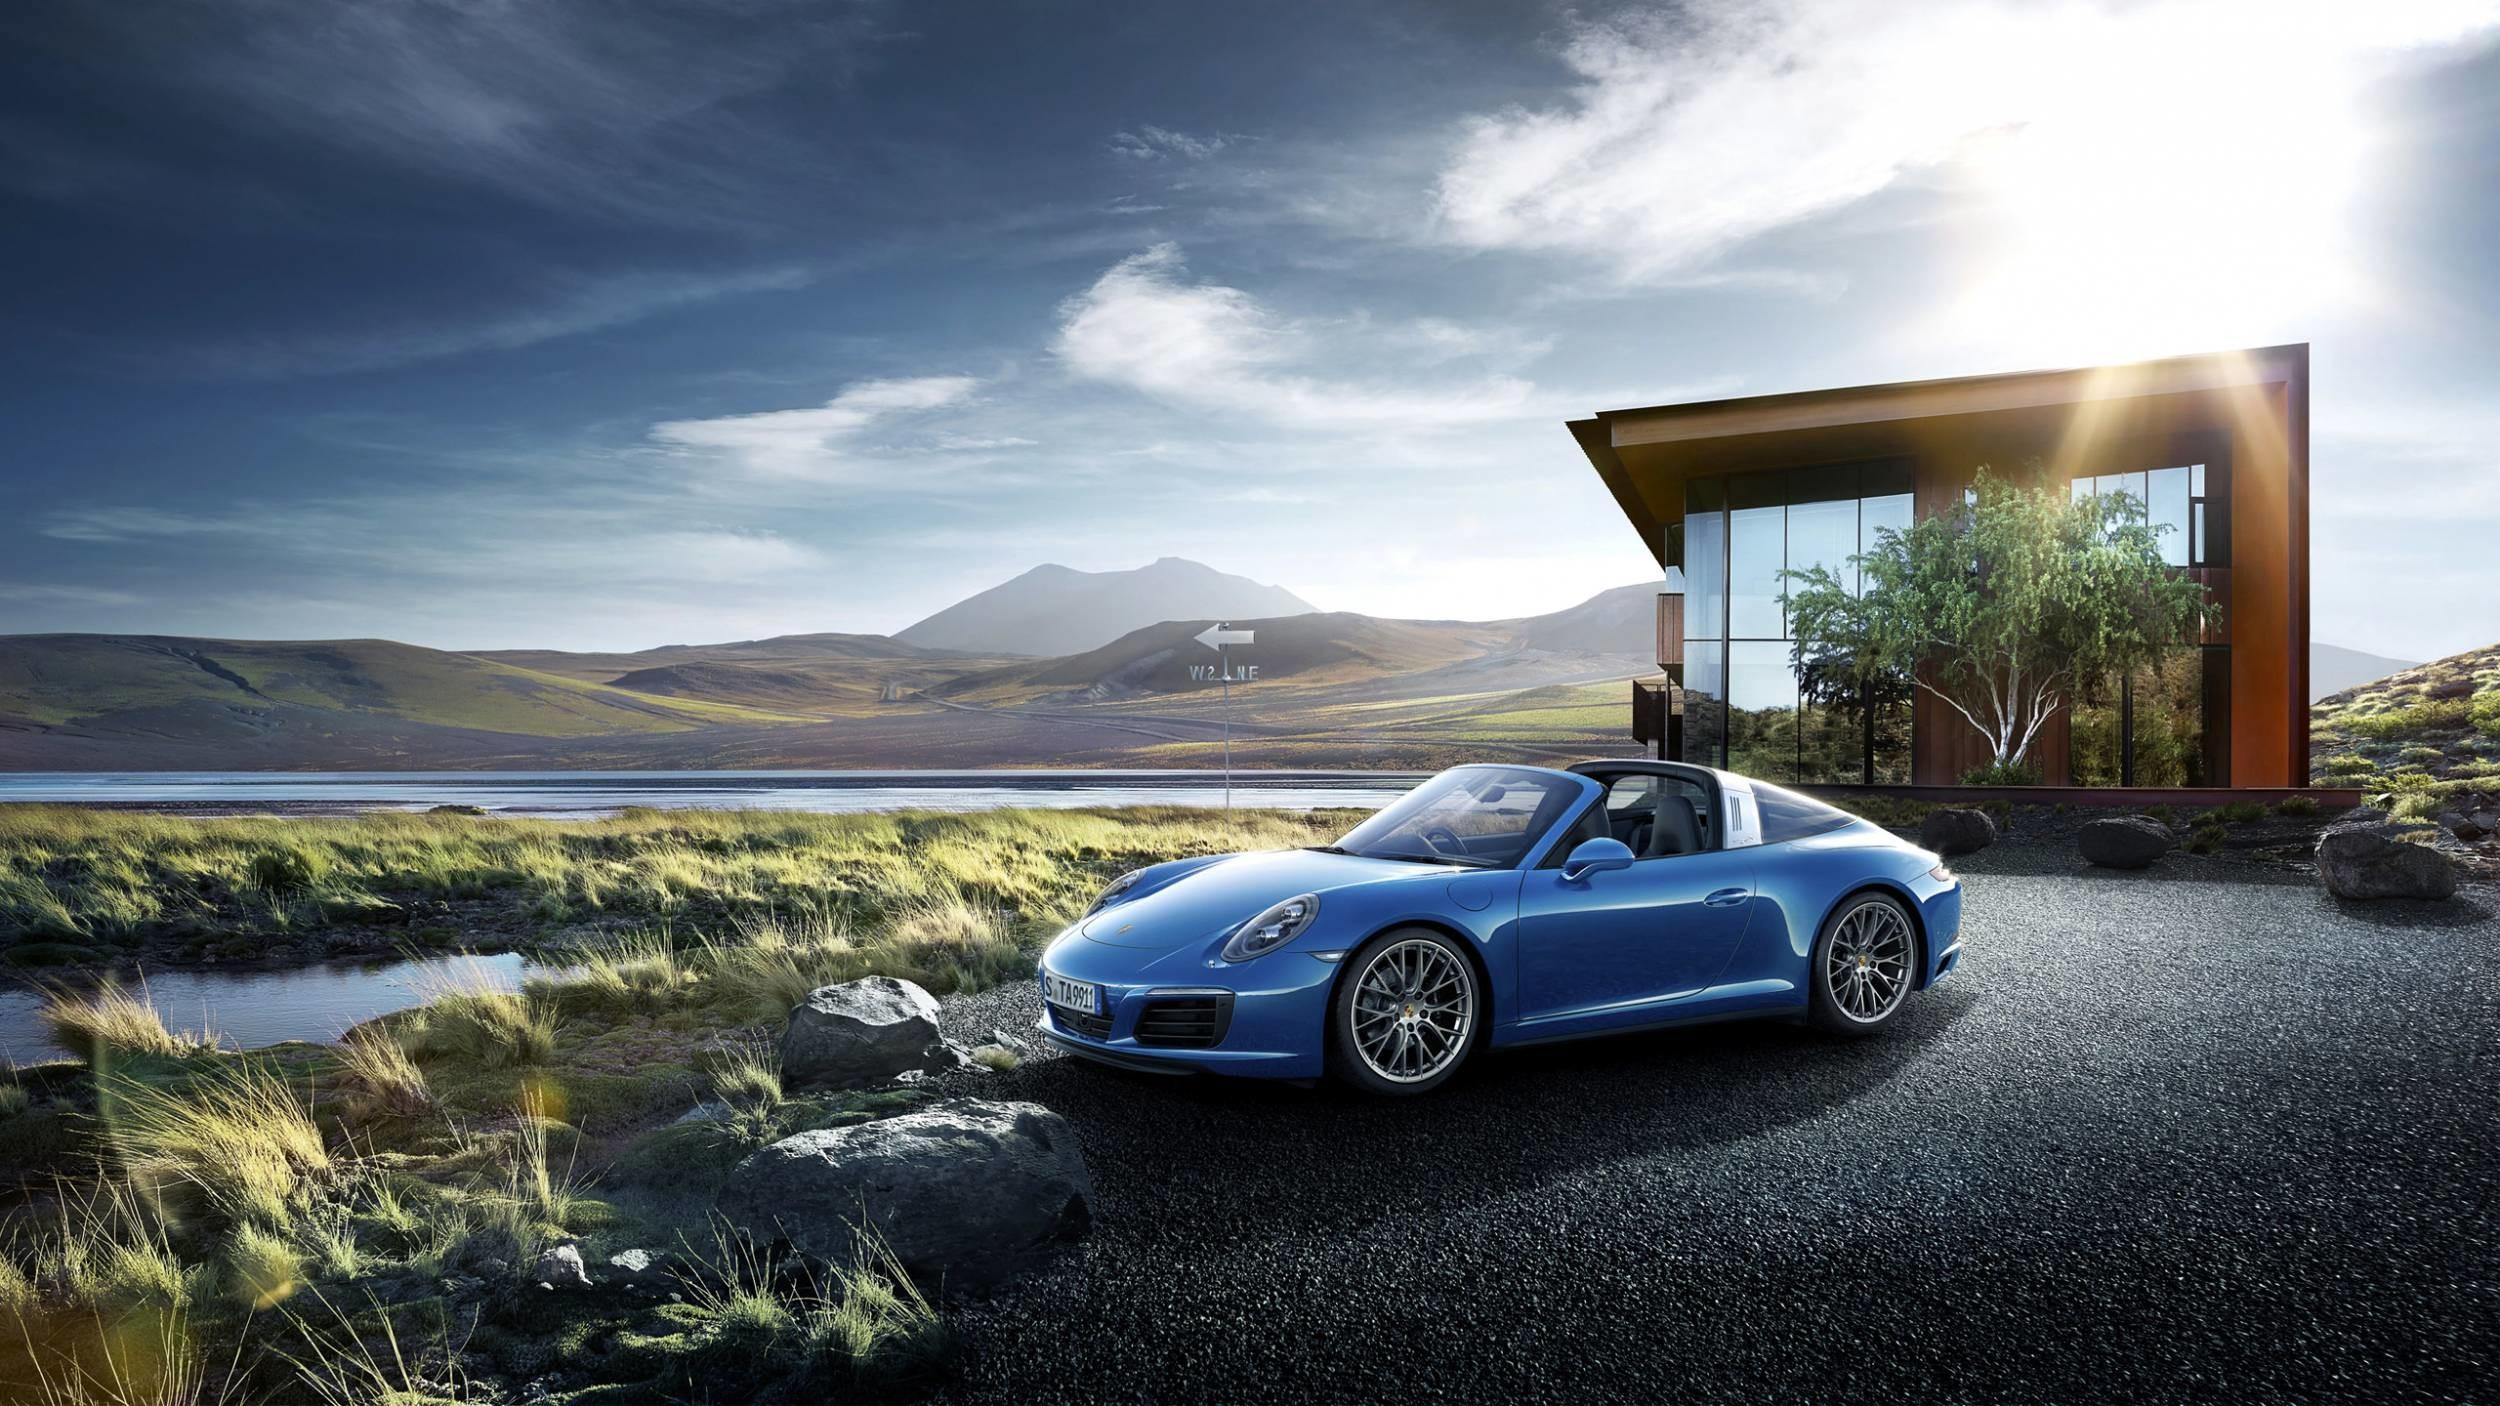 2500x1406, Porsche Wallpapers Top 943 Porsche Wallpapers - Porsche 911 Targa Wallpaper Hd - HD Wallpaper